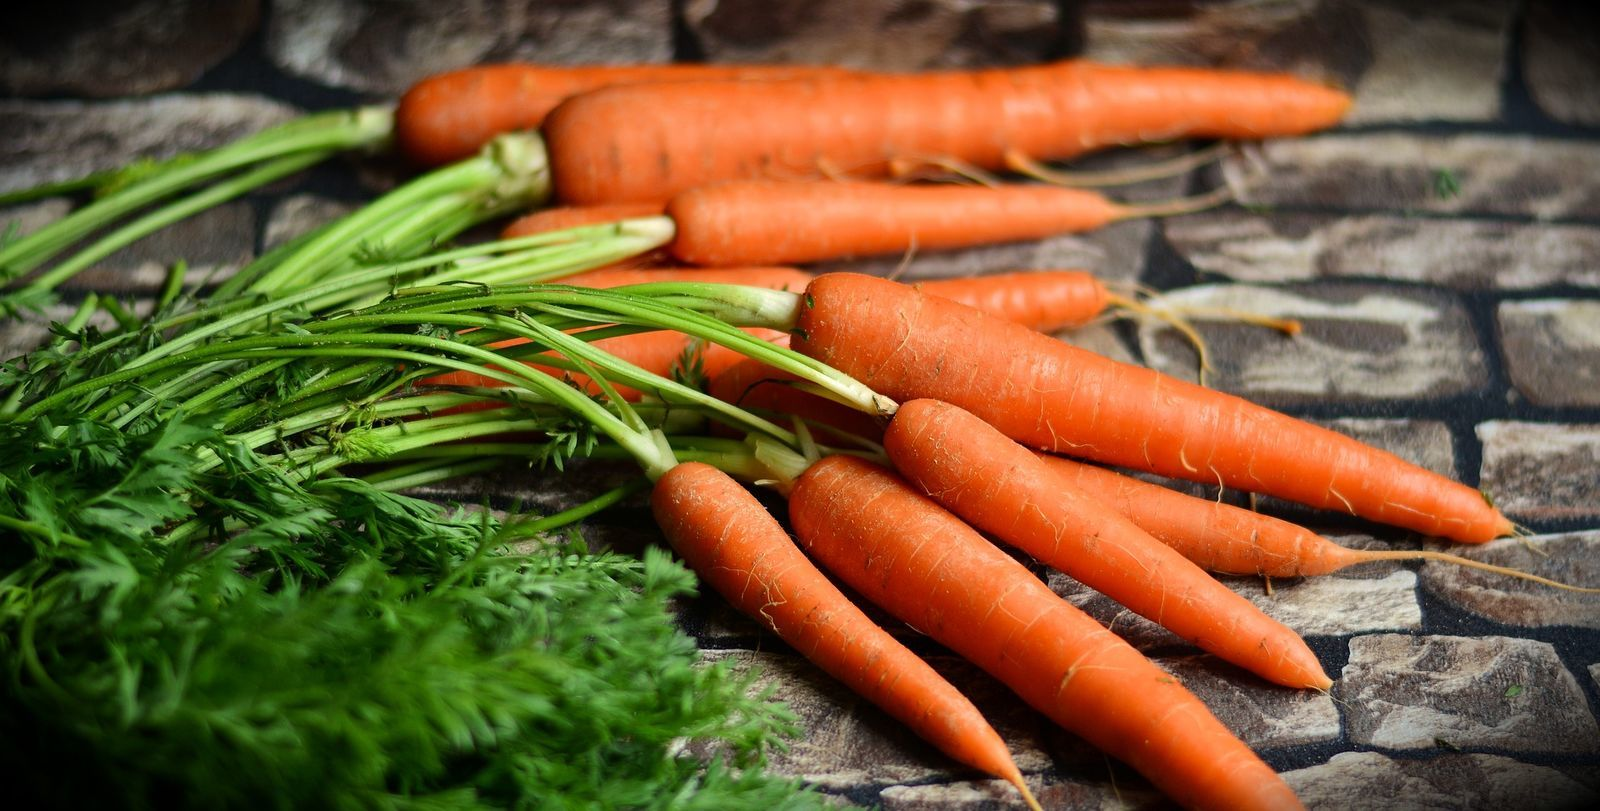 Vitaminok és nyomelemek a látás javításához: rutin, cink, réz és szelén - Édesség